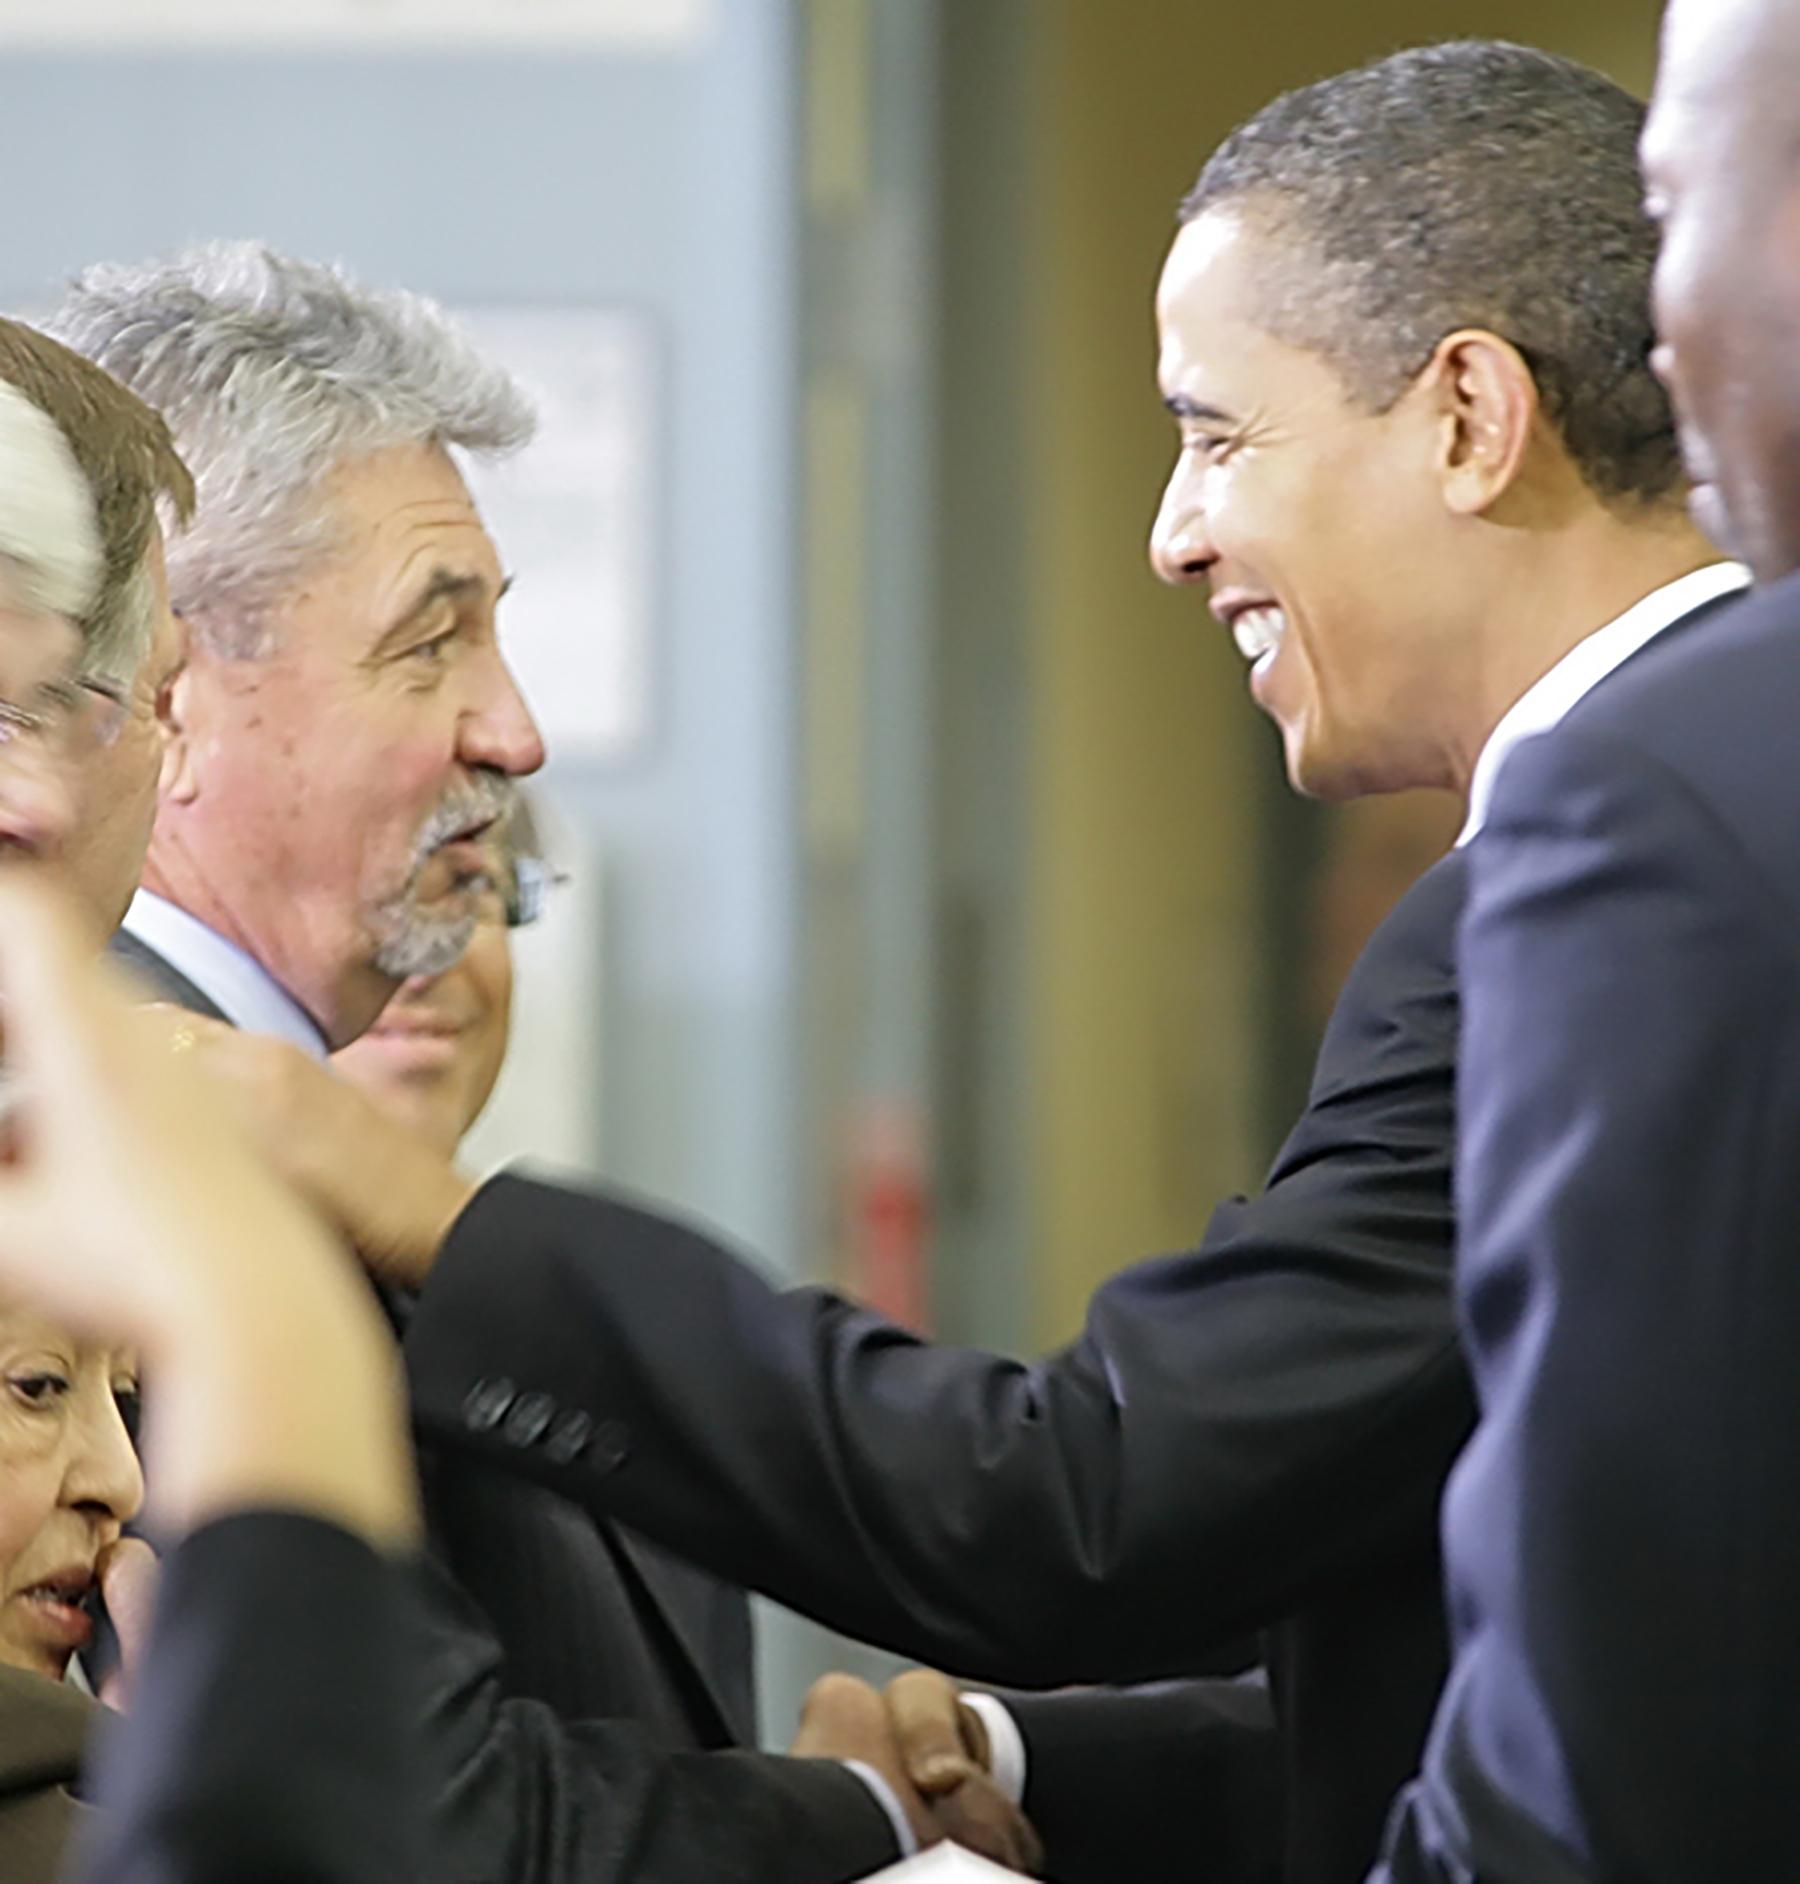 Pat Lavin meets former President Barack Obama at SCE's Pomona facility in 2009.